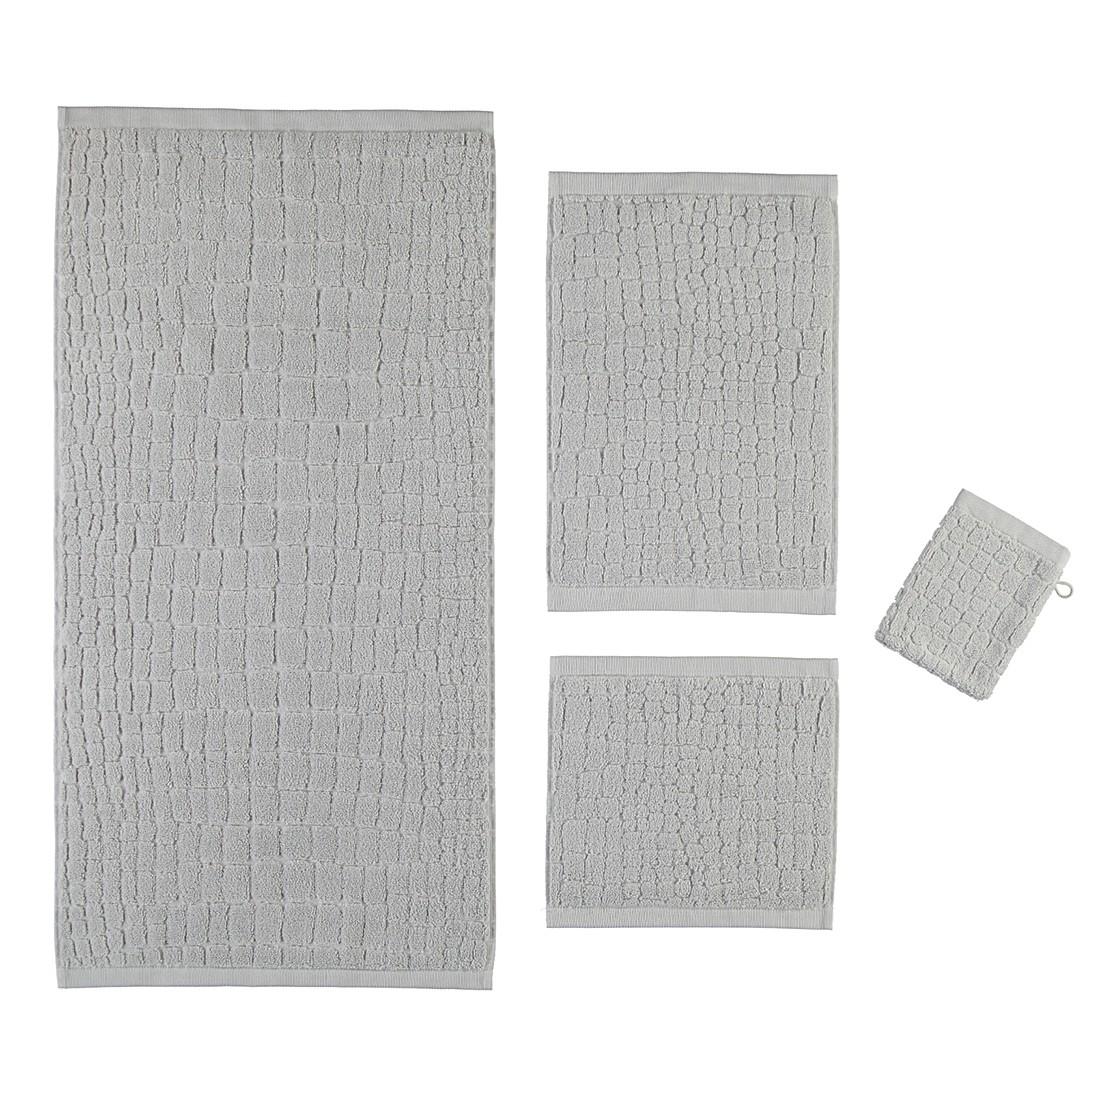 Handtuch Croco – 100% Baumwolle moonlight – 830 – Seiflappen: 30 x 30 cm, Möve günstig